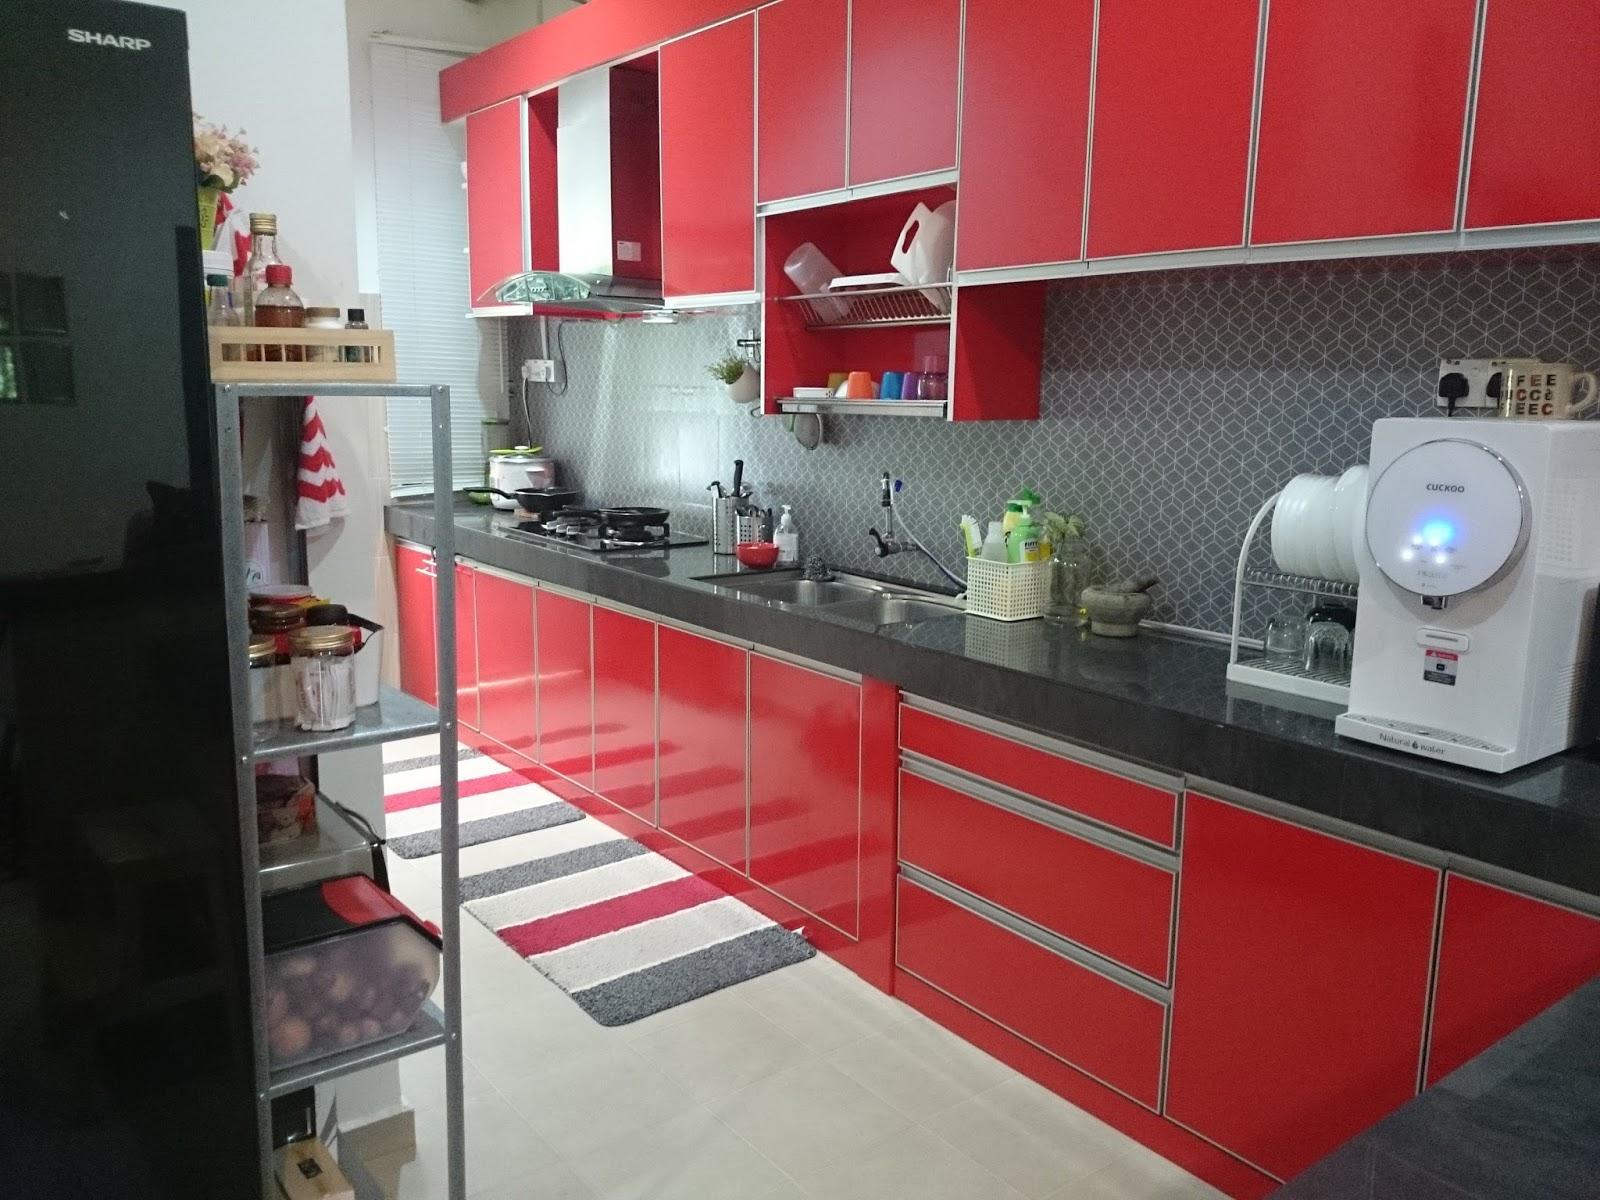 Dapur Kecik Ina Merah Ang Gituw I Like Red So Much Terang Dan Menyerlah Ok Alas Kaki Dah Beli Yang Baru Nanti Share K